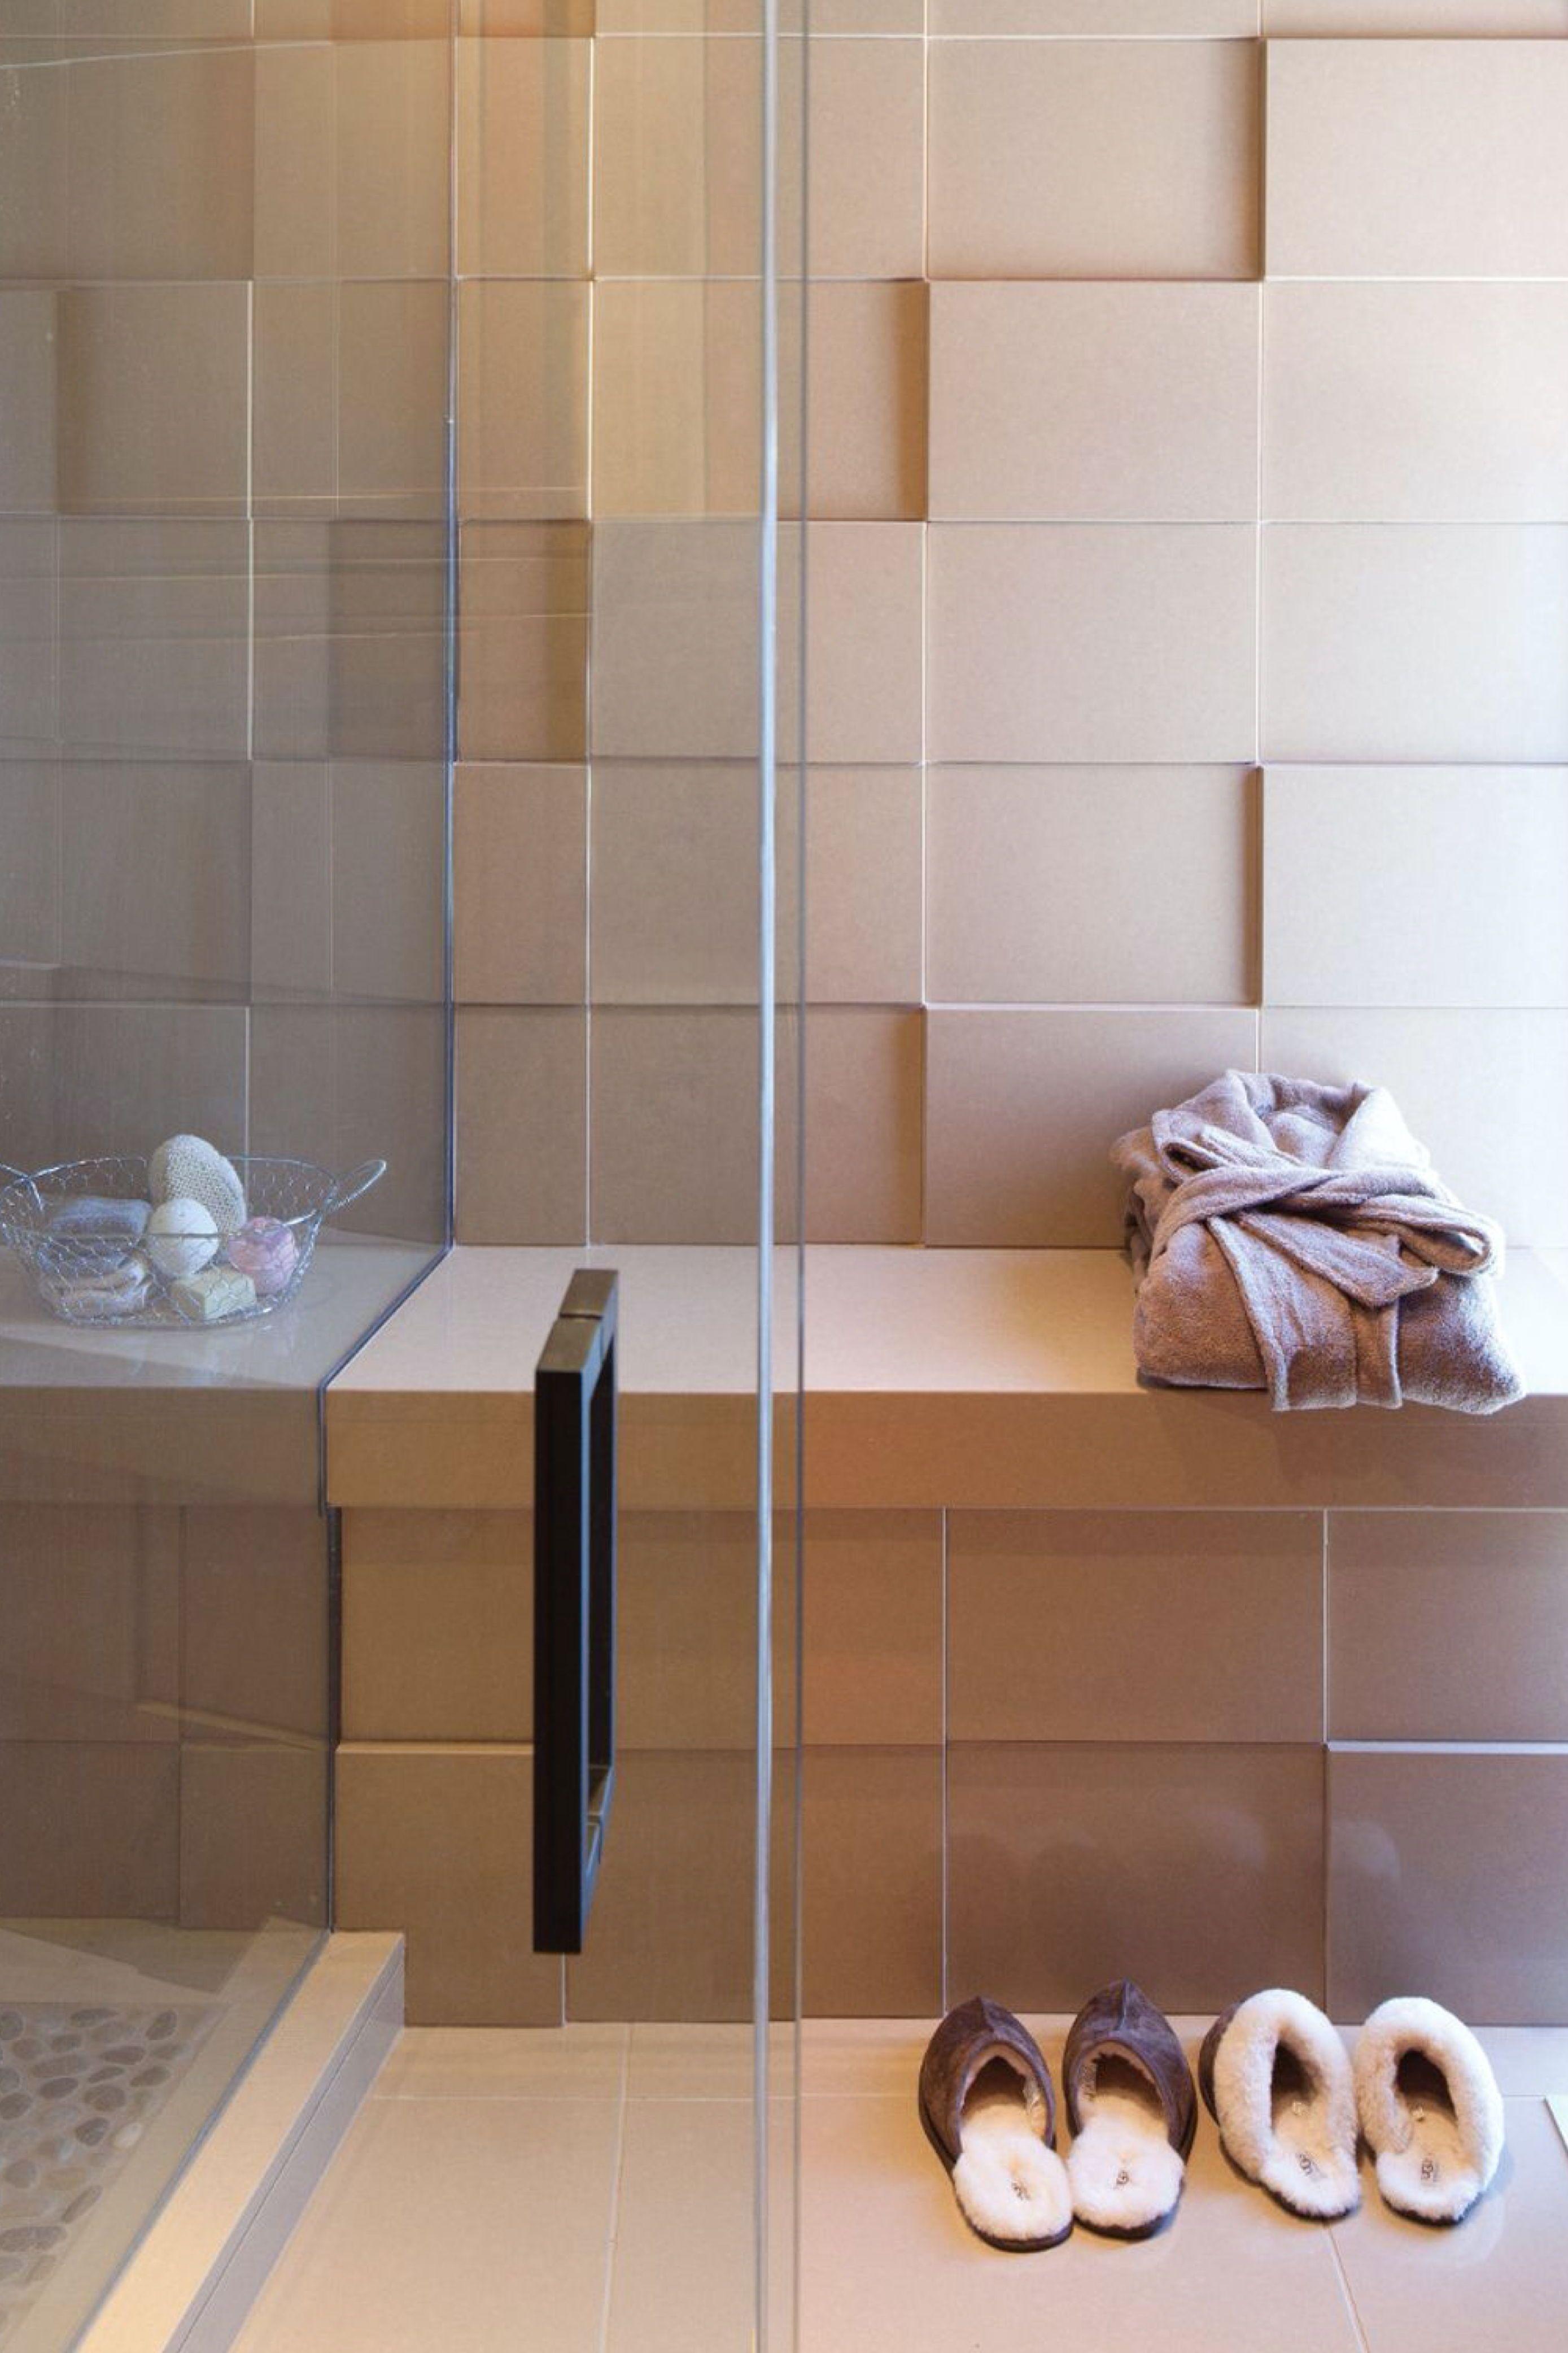 Clyde Cambria Quartz Countertops Cost Reviews Quartz Countertops Bathroom Color Schemes Cambria Quartz Countertops